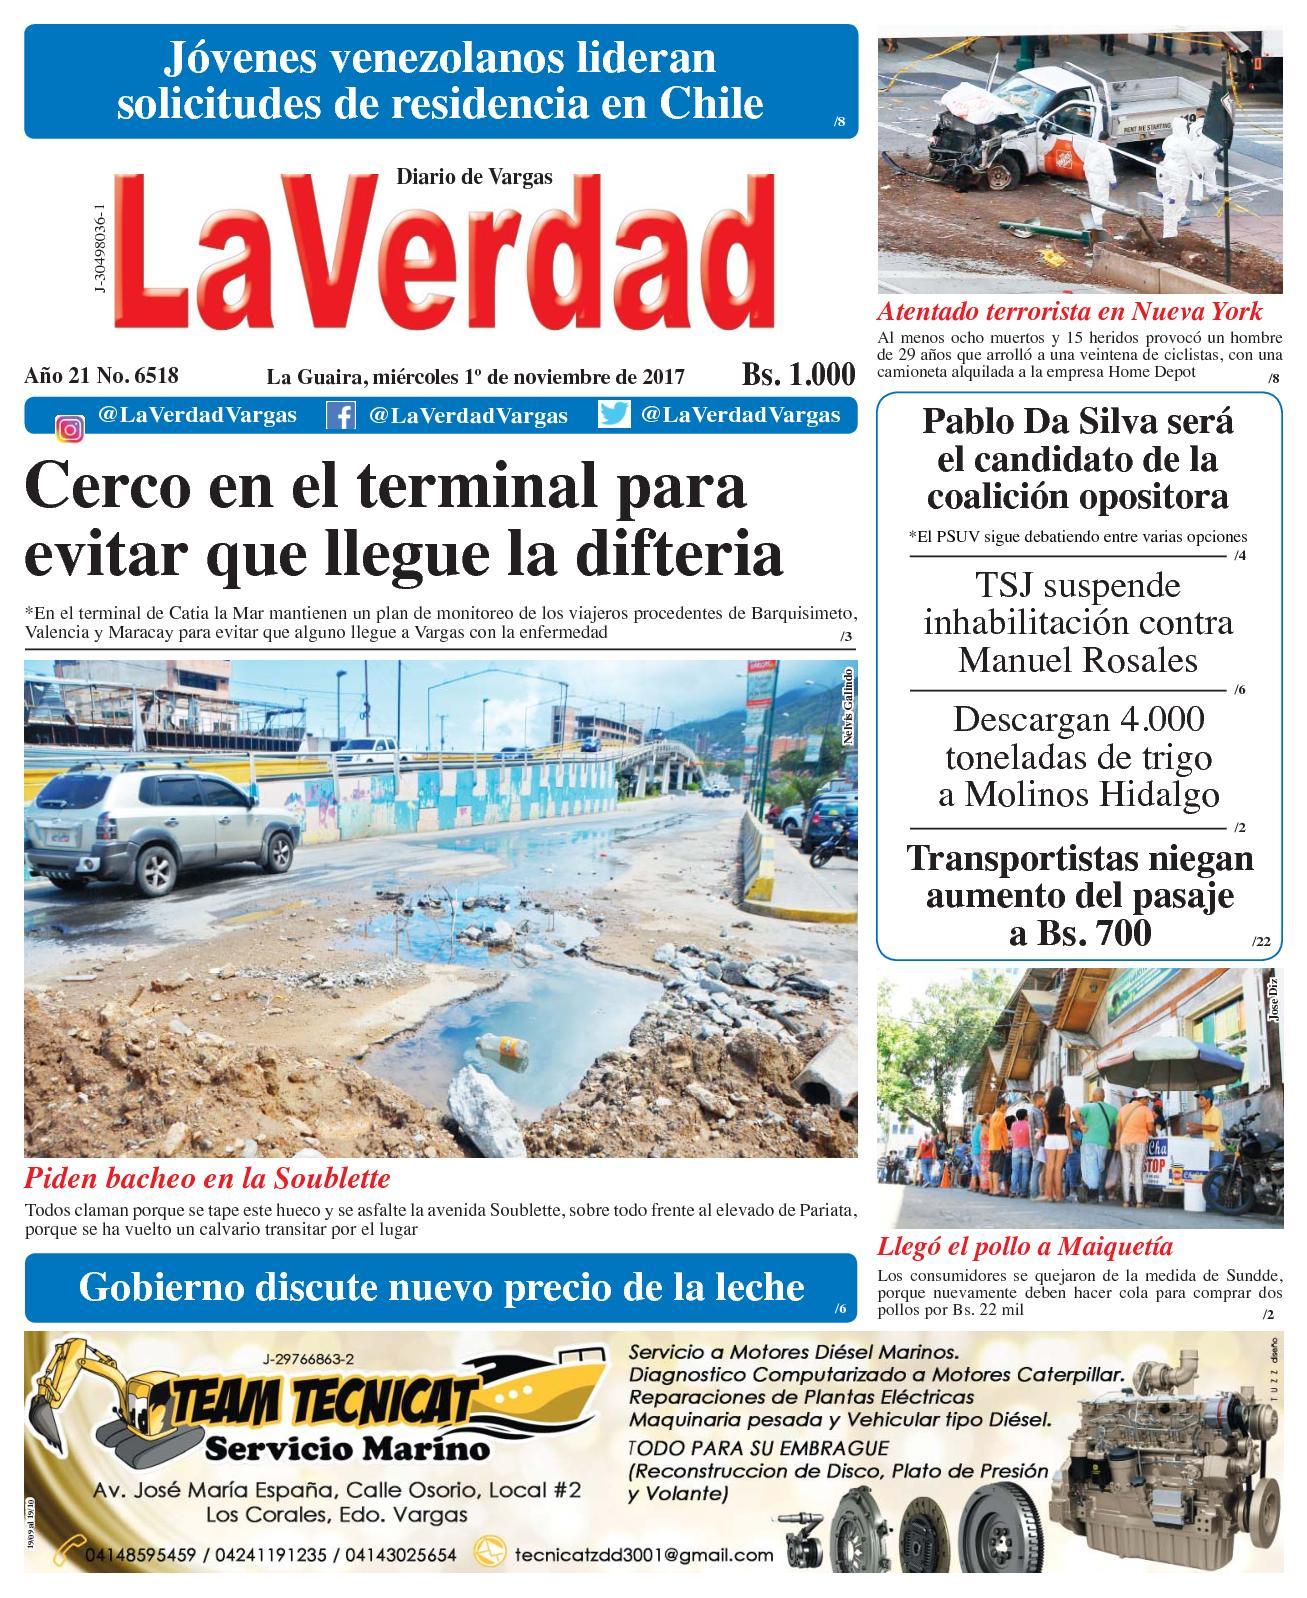 La Guaira, miércoles 1 de octubre de 2017. Año 20 No. 6518